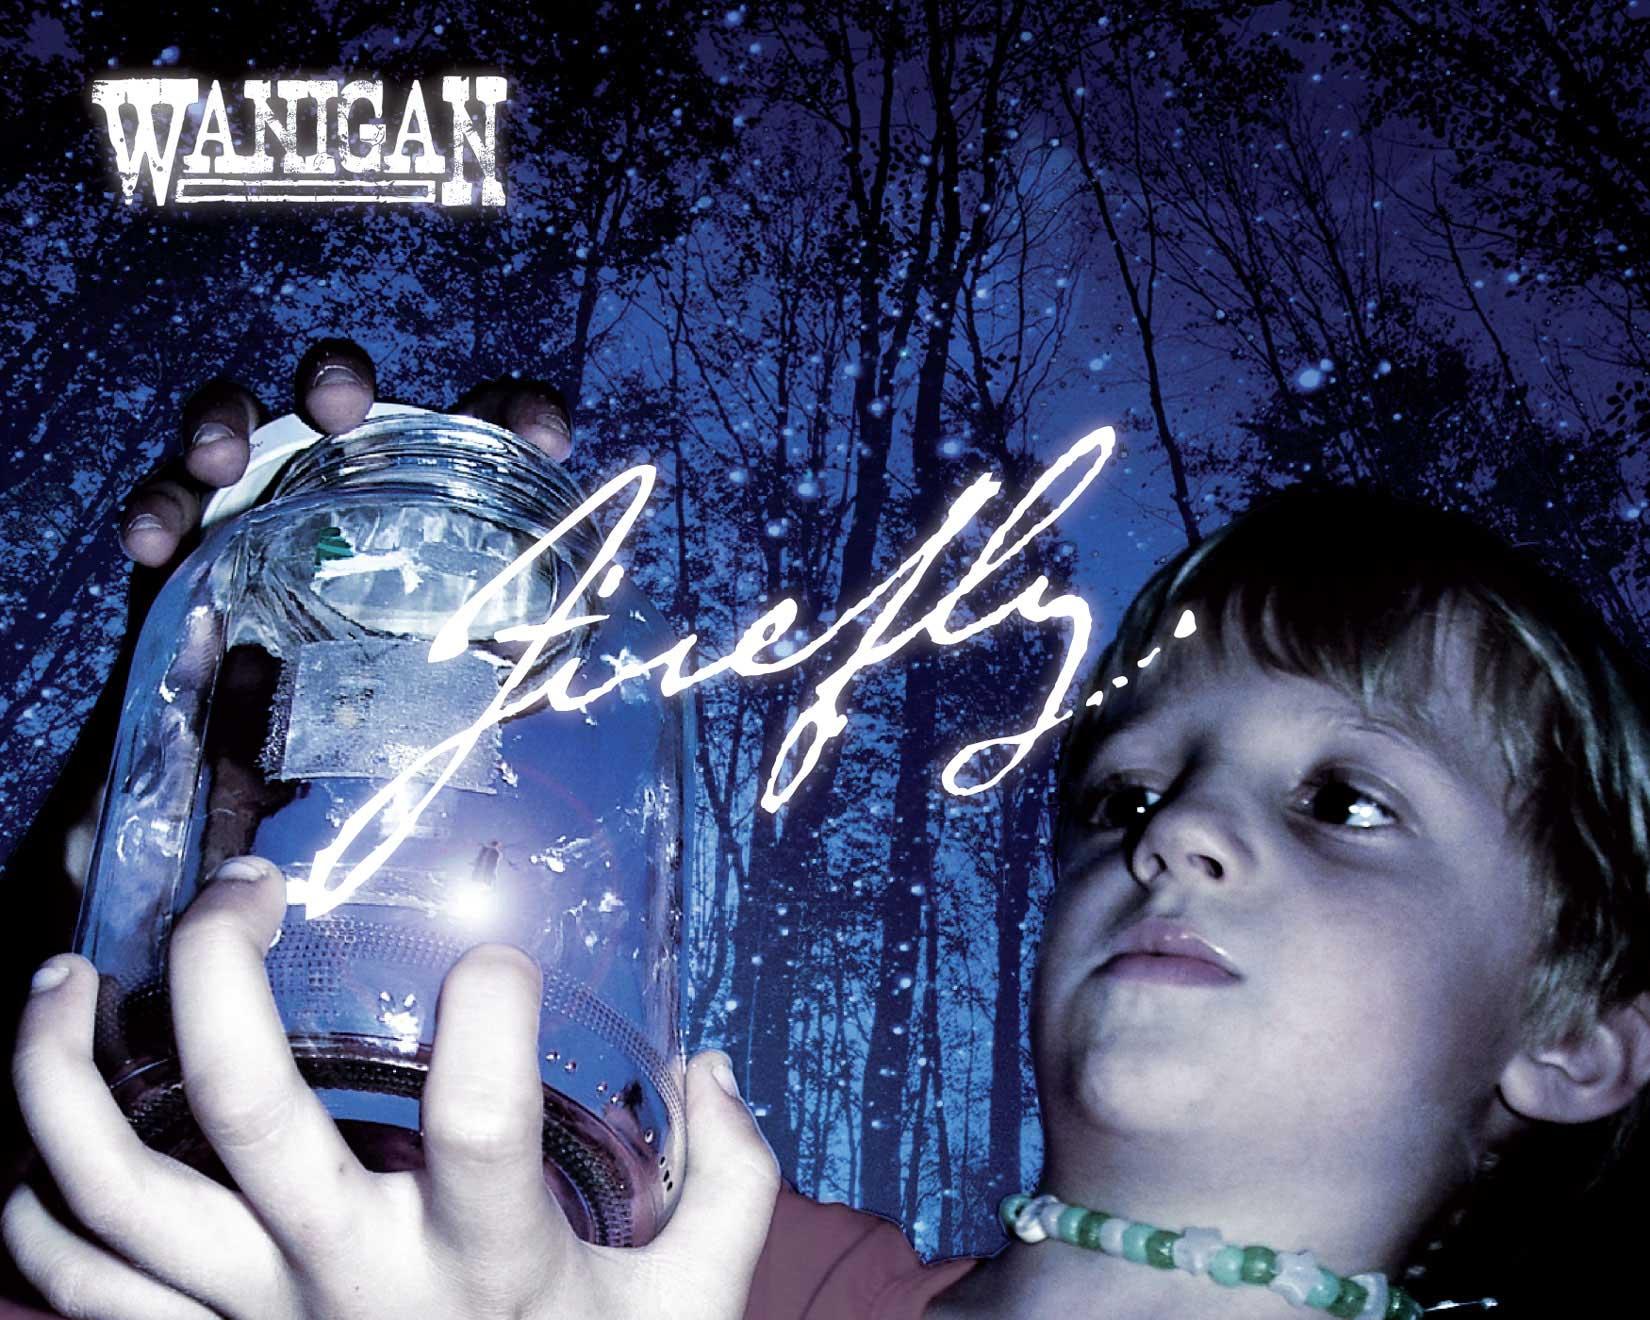 Wanigan.net